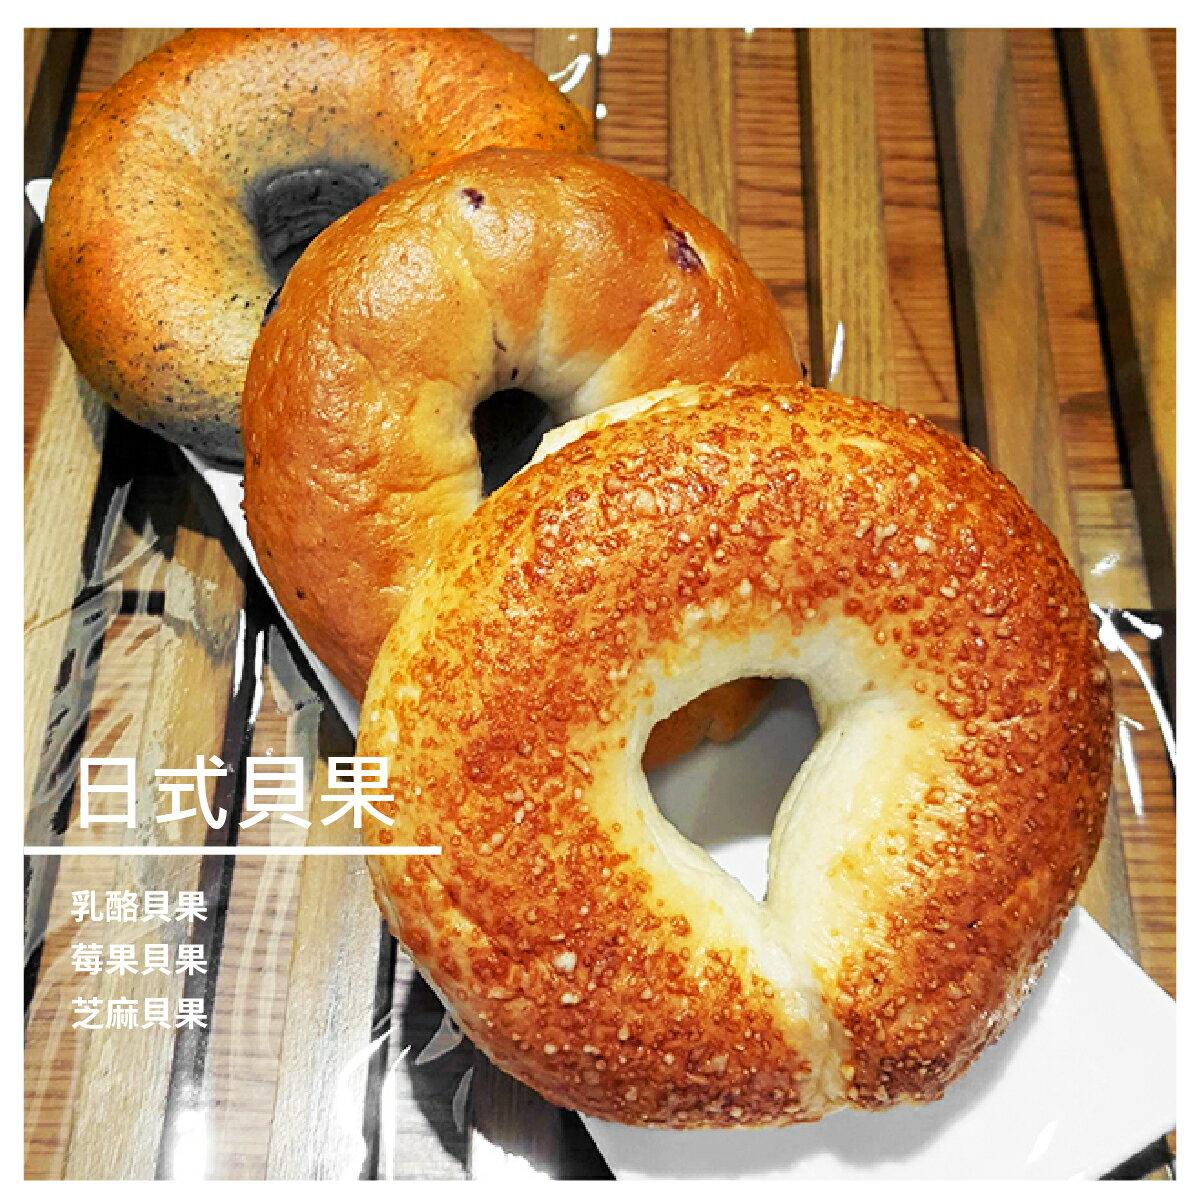 【帕爾堤麵包工房】日式貝果(莓果2,芝麻2,日式乳酪2) 六入